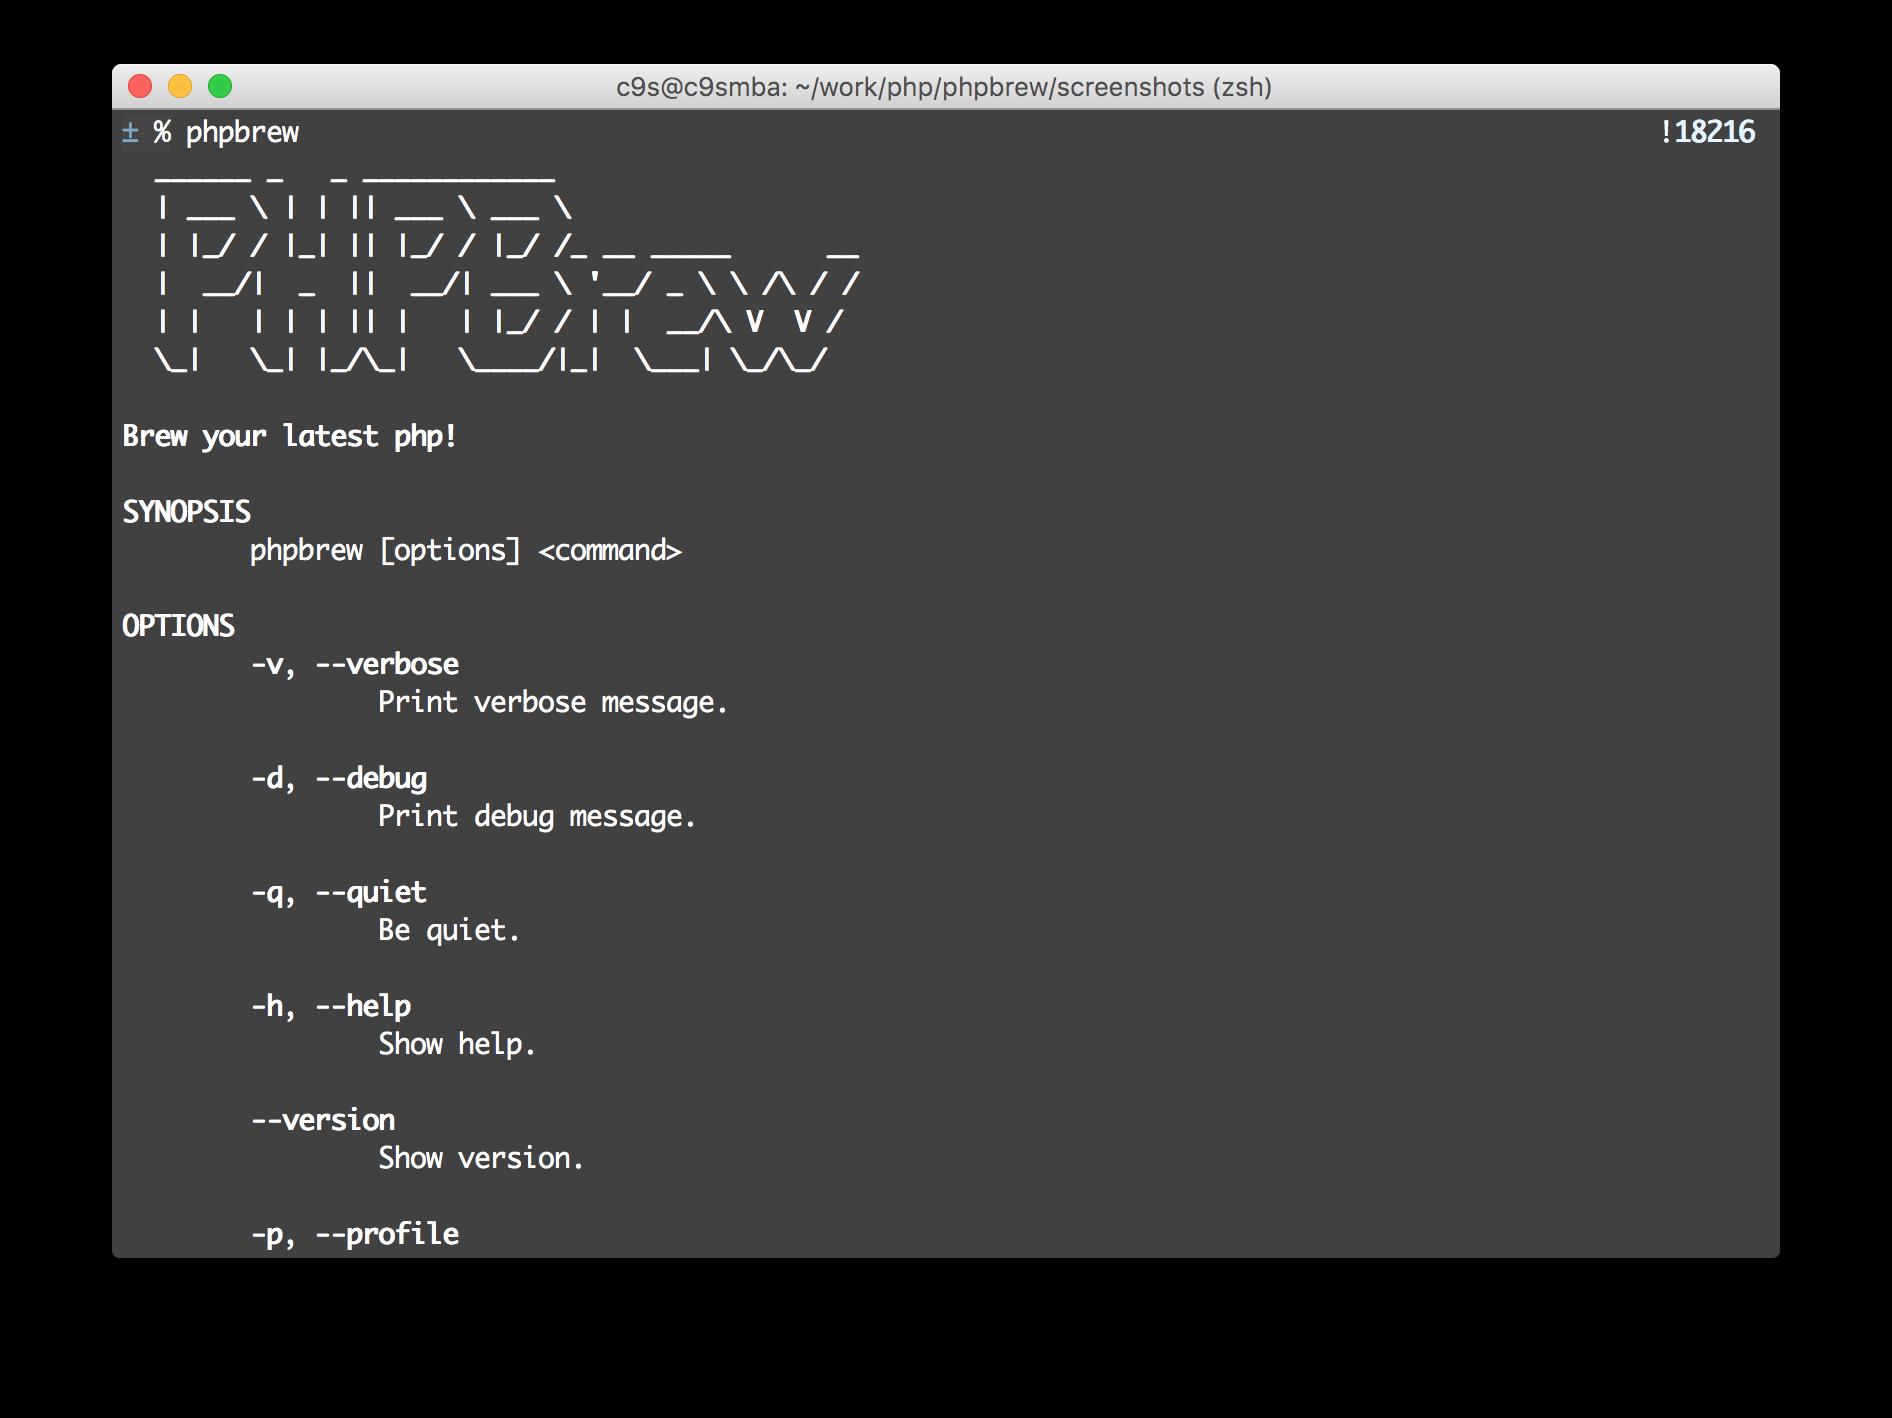 安装多版本 PHP 到用户根目录的工具 PHPBrew